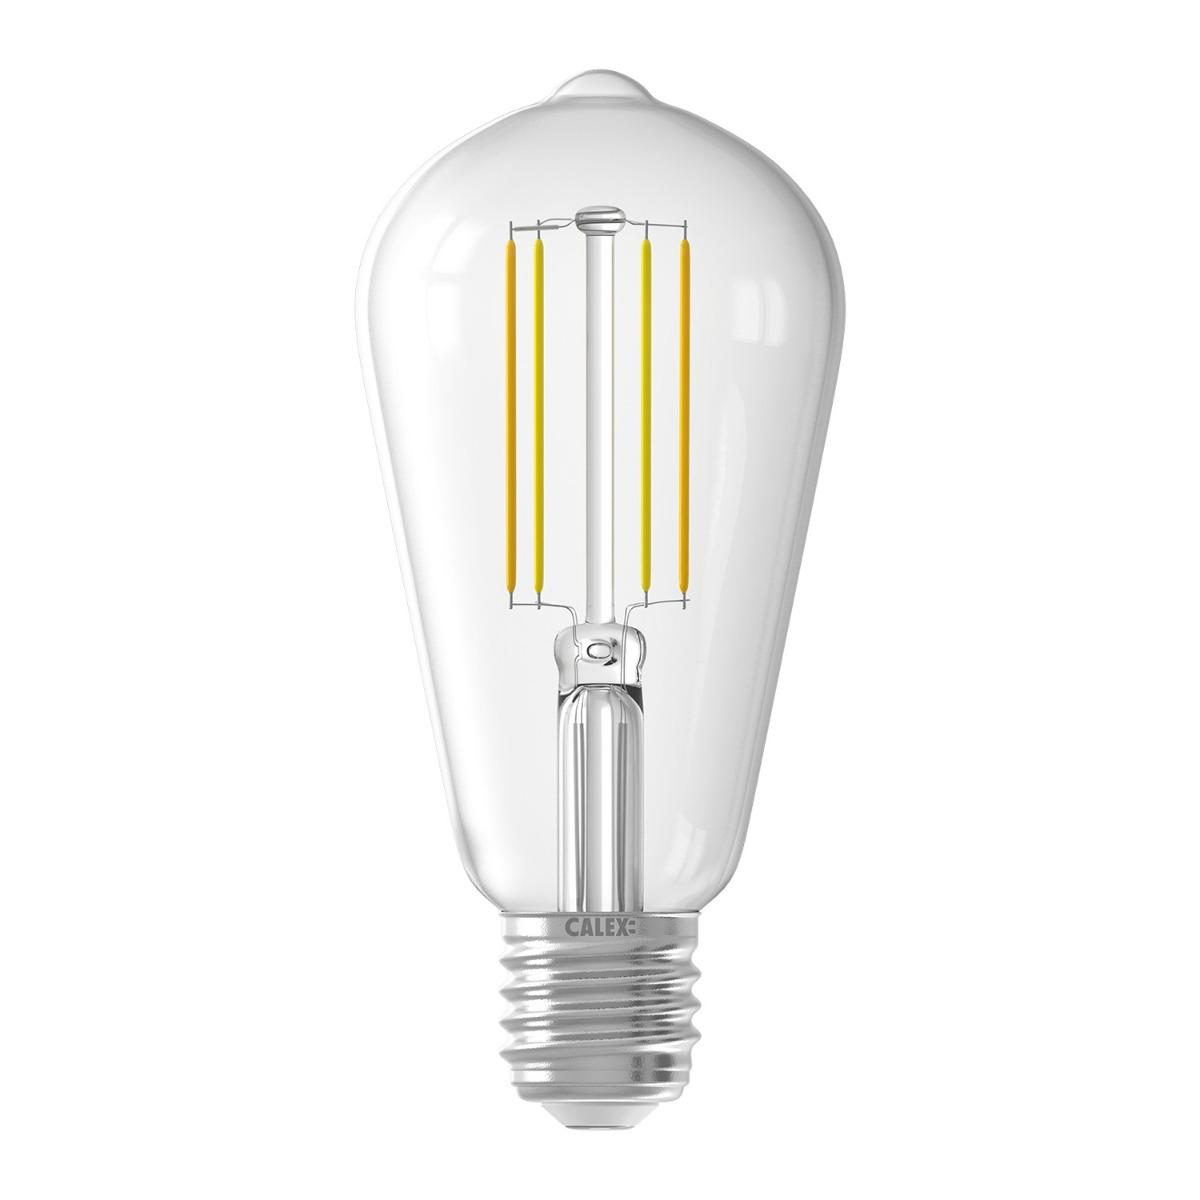 Bilde av Calex Smart Rustikk Filament Led Pære E27 7w 806lm 1800-3000| Tuya Wifi - Innstillbar Hvit